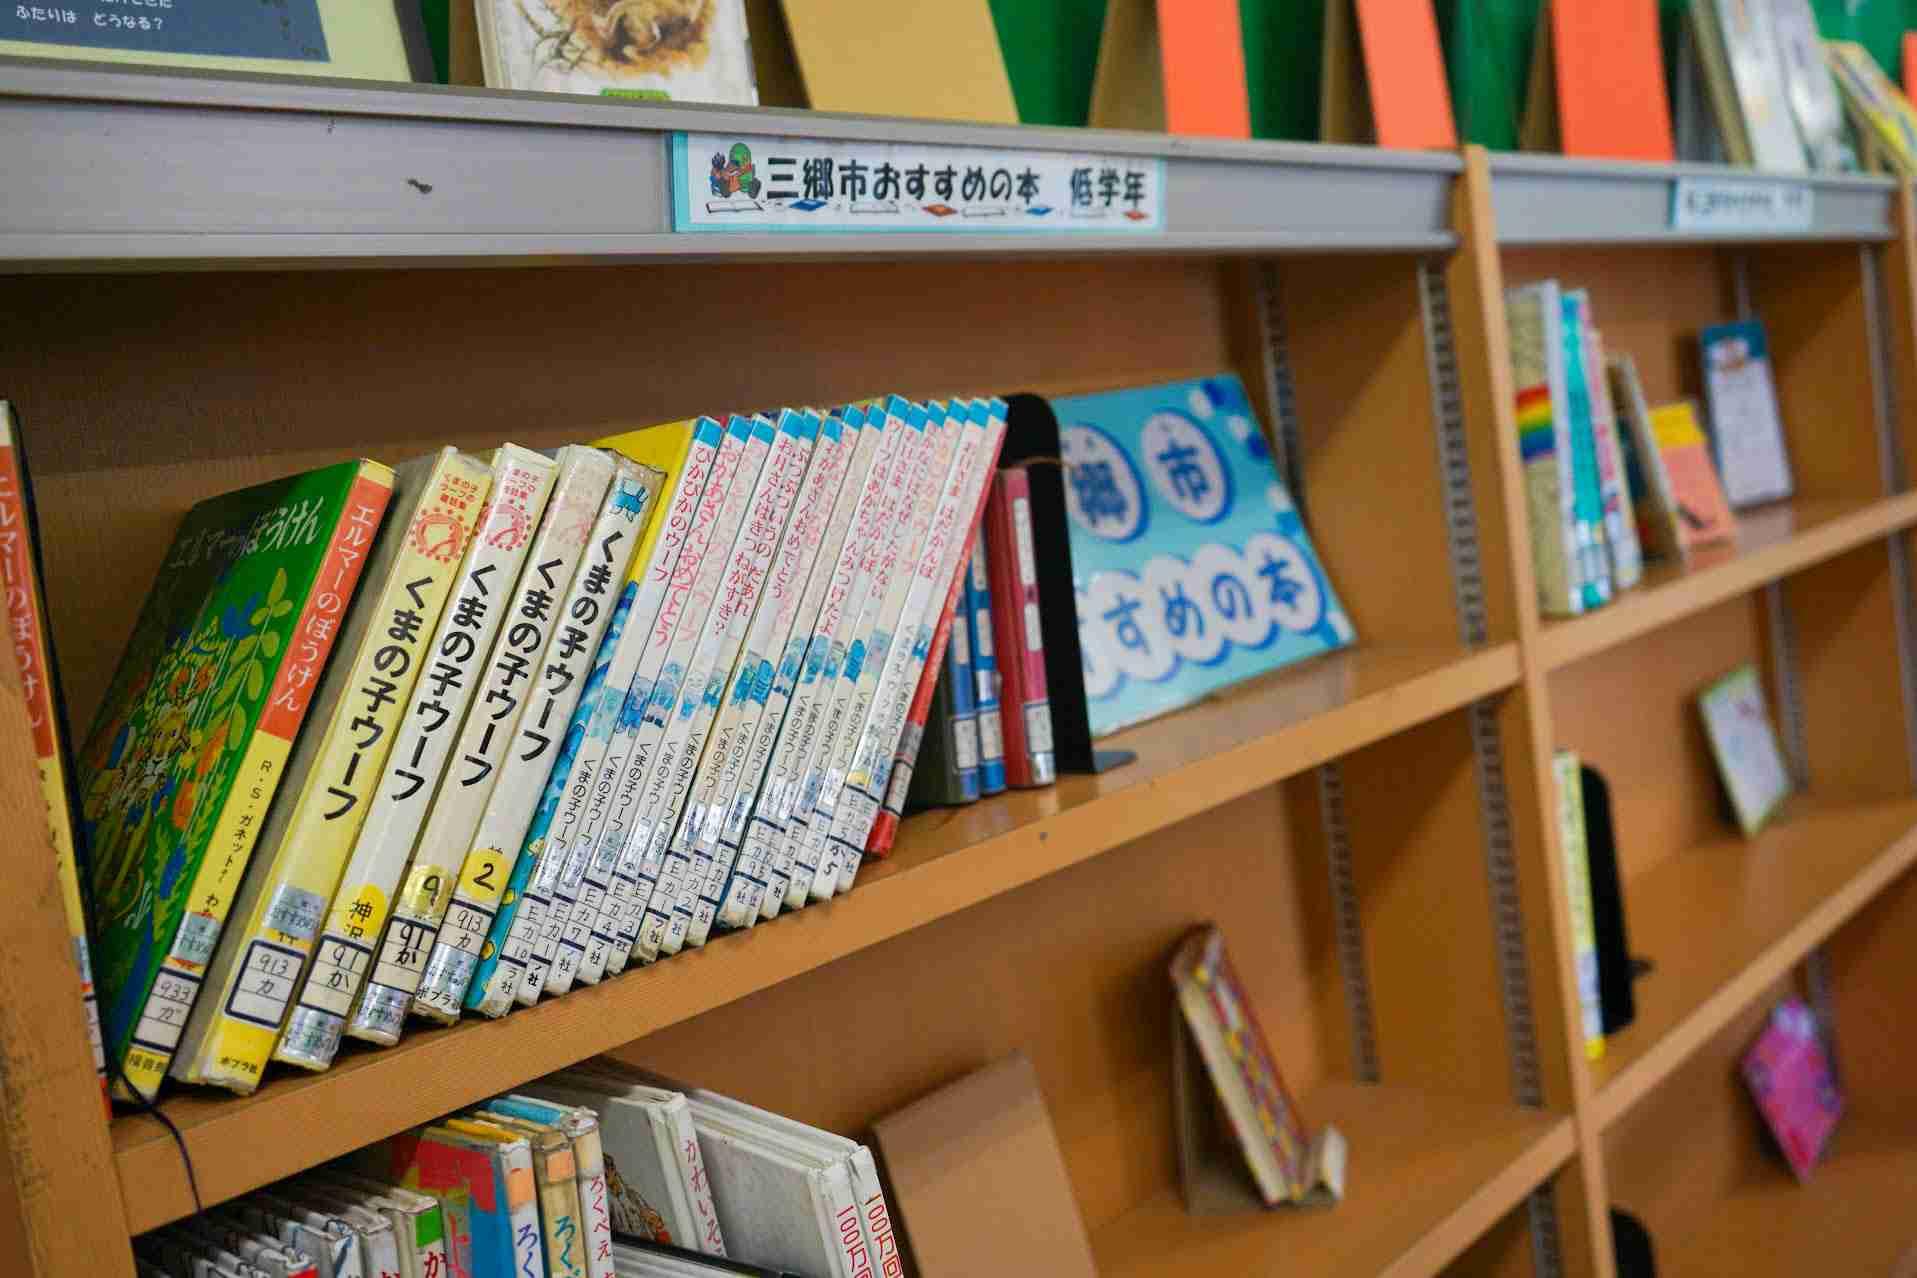 1年間で1人あたり142冊もの本を読む埼玉県三郷市立彦郷小学校「社会問題の根幹にあるのは読書不足」 | ハウスコム株式会社